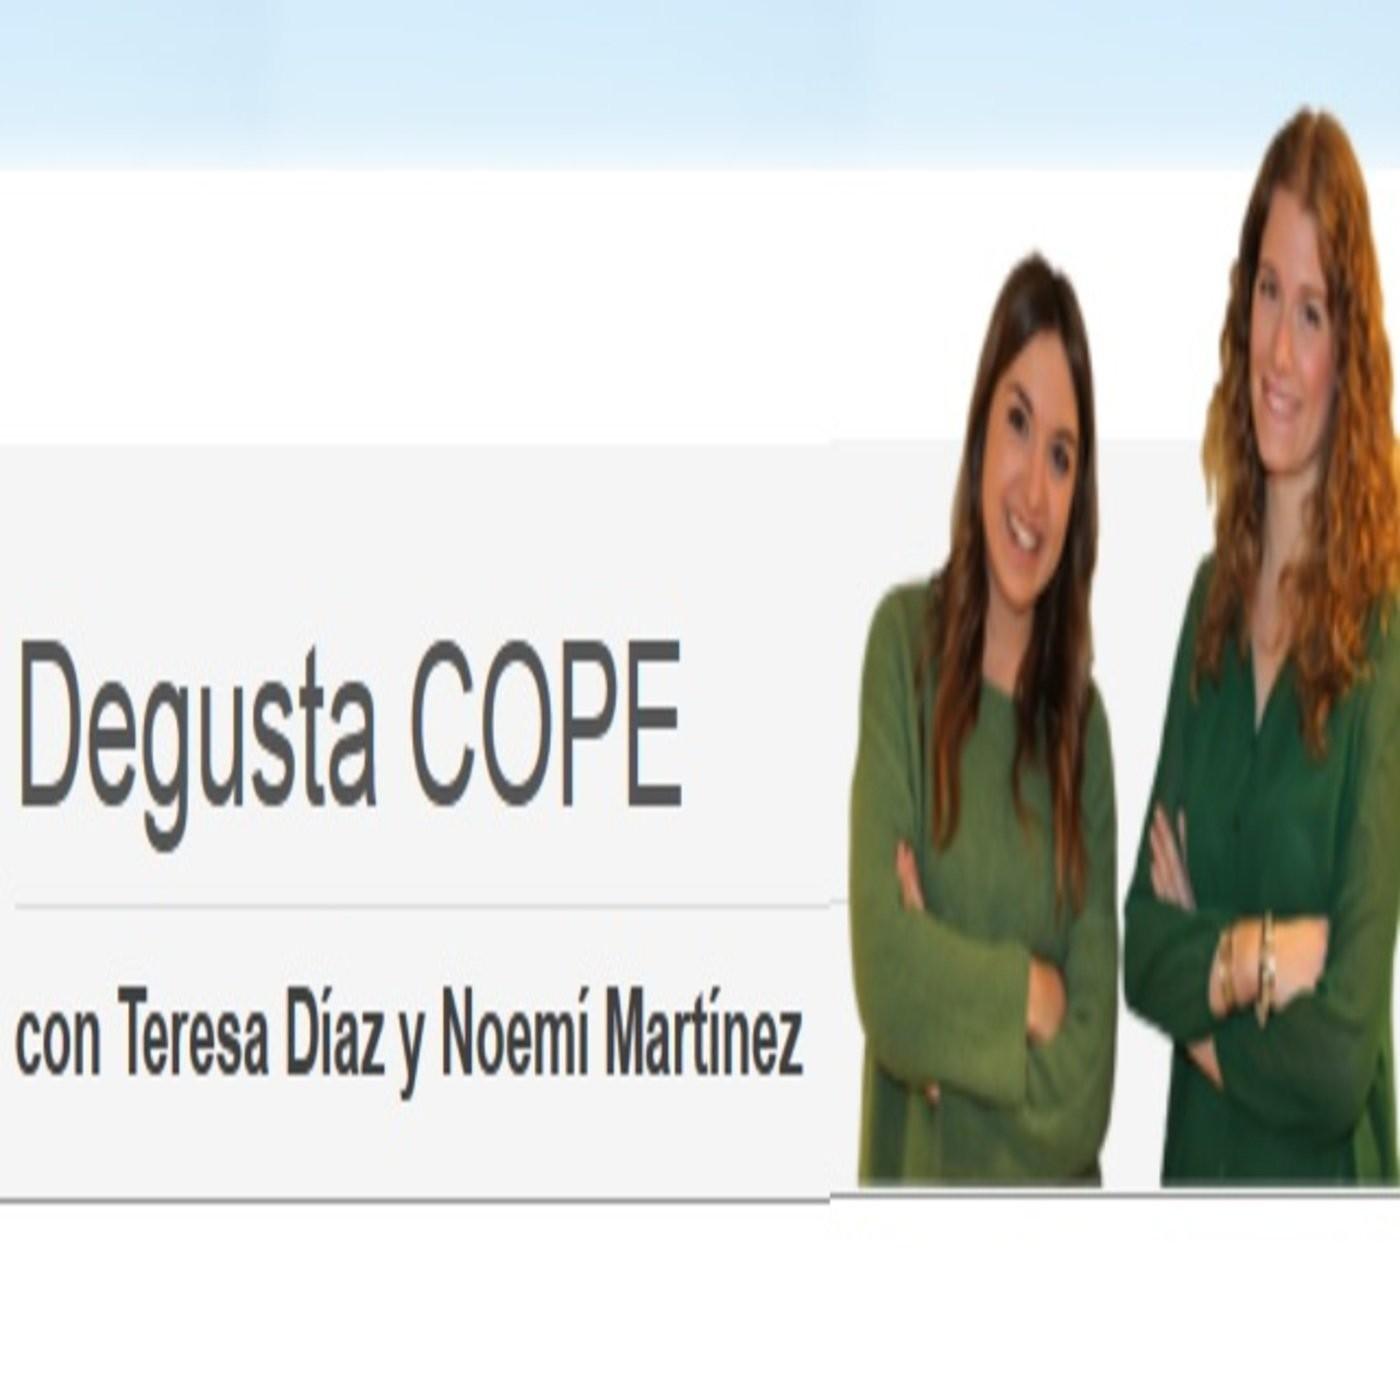 Degusta COPE